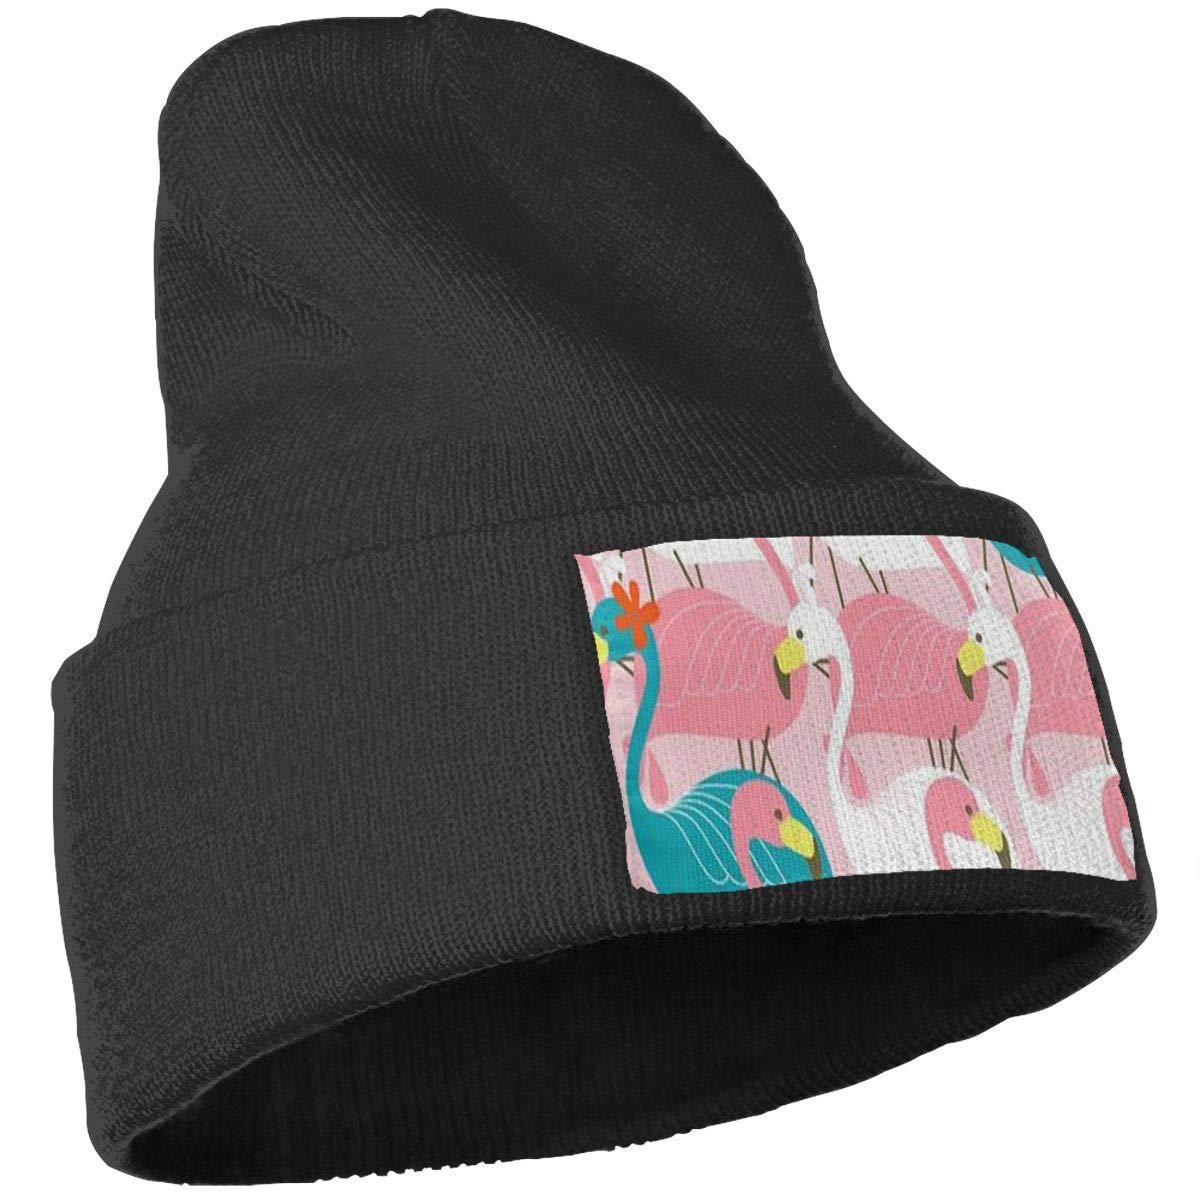 Spinel Red Flamingo Unisex Winter Knitting Woolen Hat Warm Cap